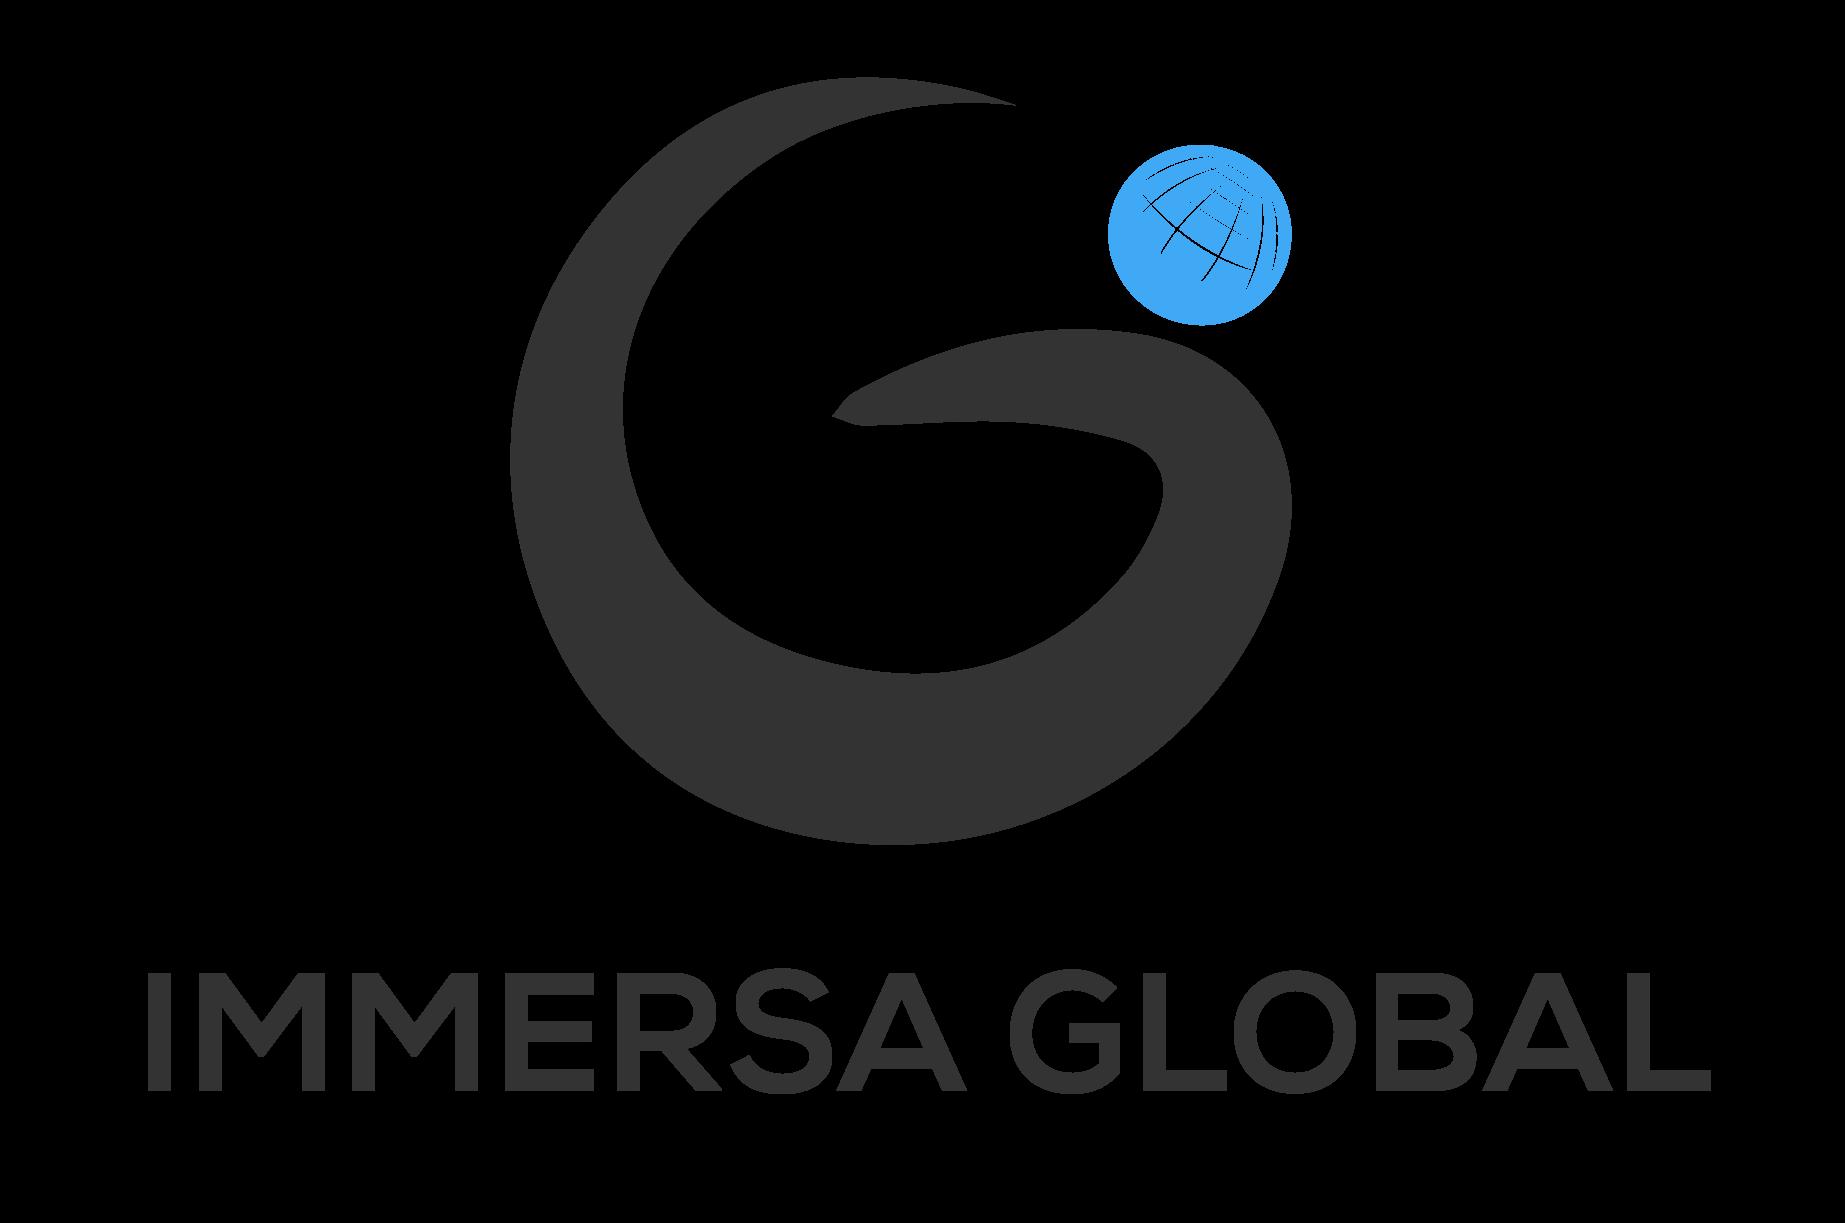 Immersa Global